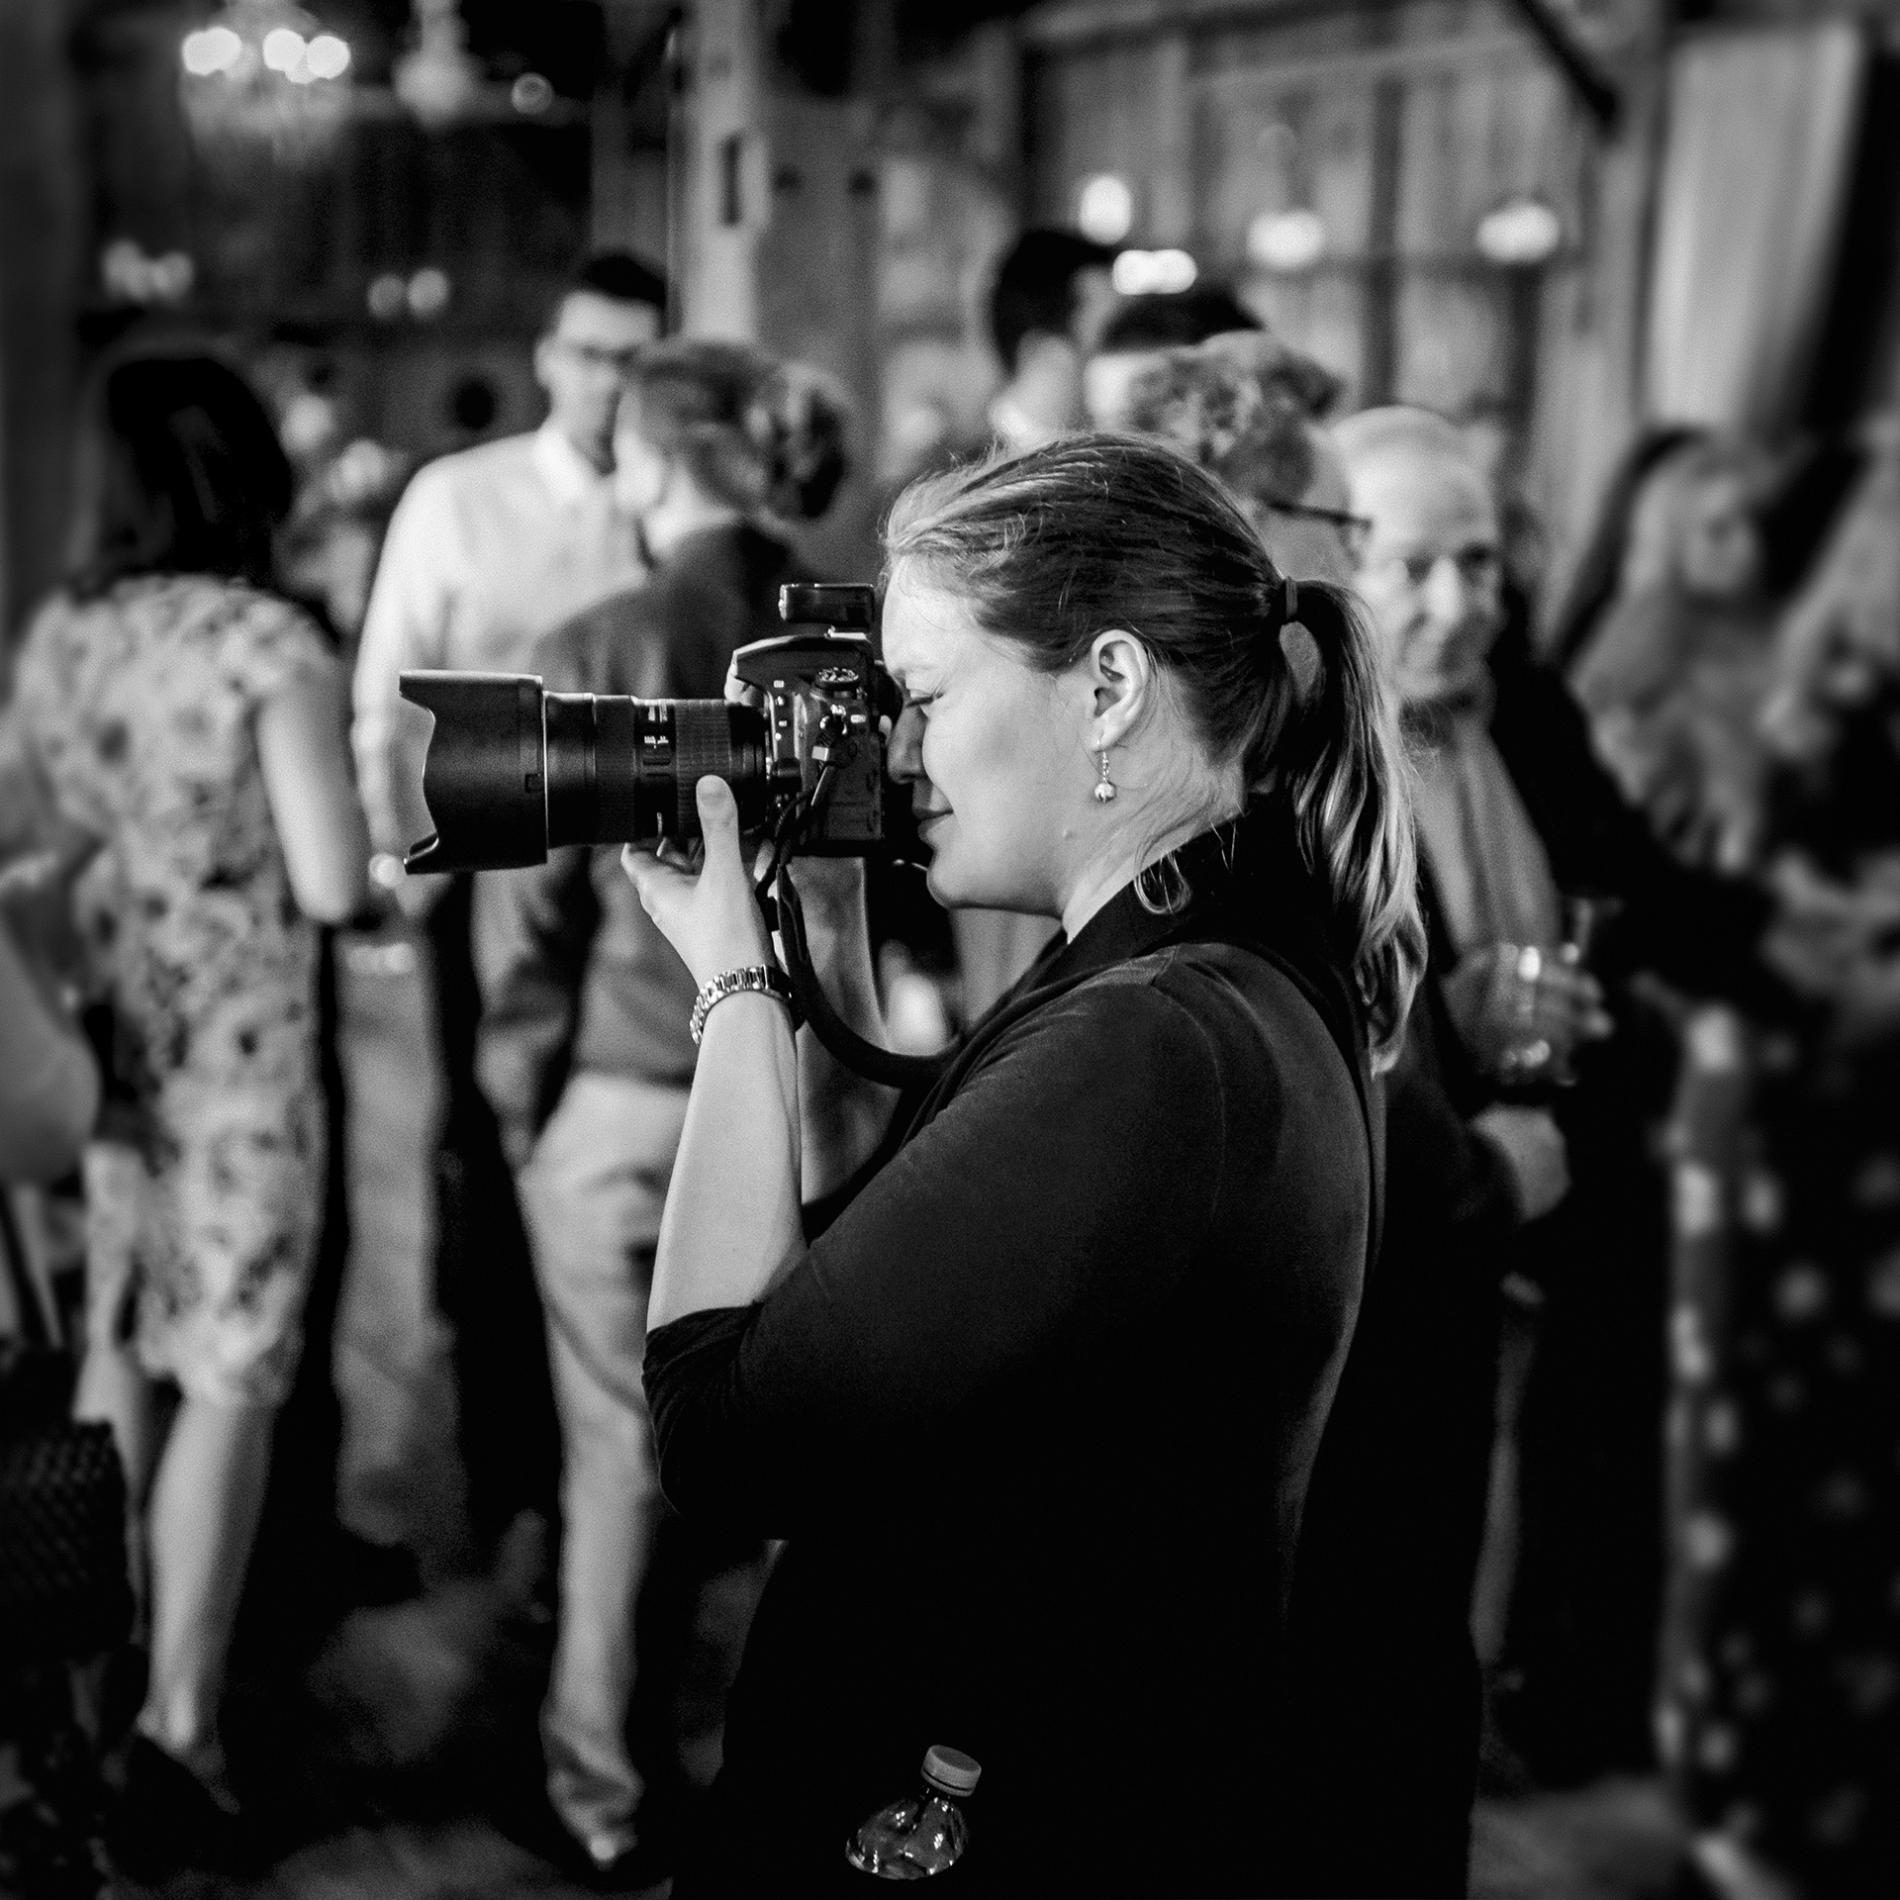 Hochzeitsfotograf Ottawa Ontario, der mit ihrer Kamera arbeitet.